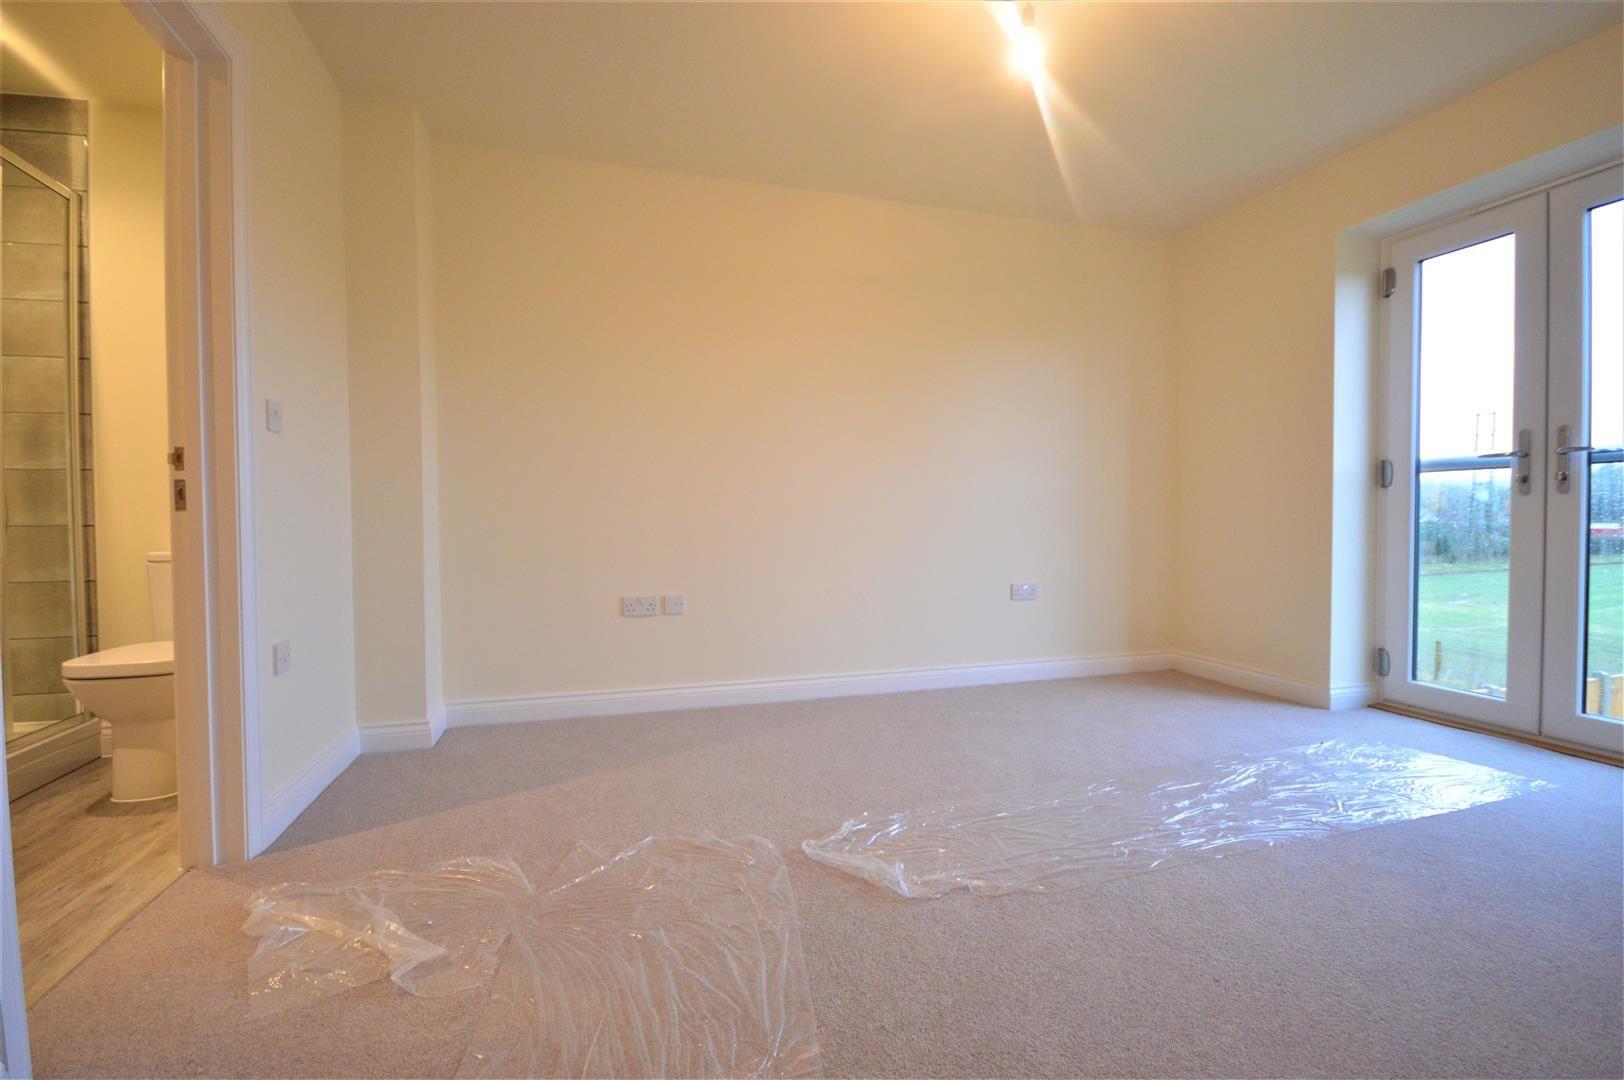 4 bed detached for sale in Kingsland 9